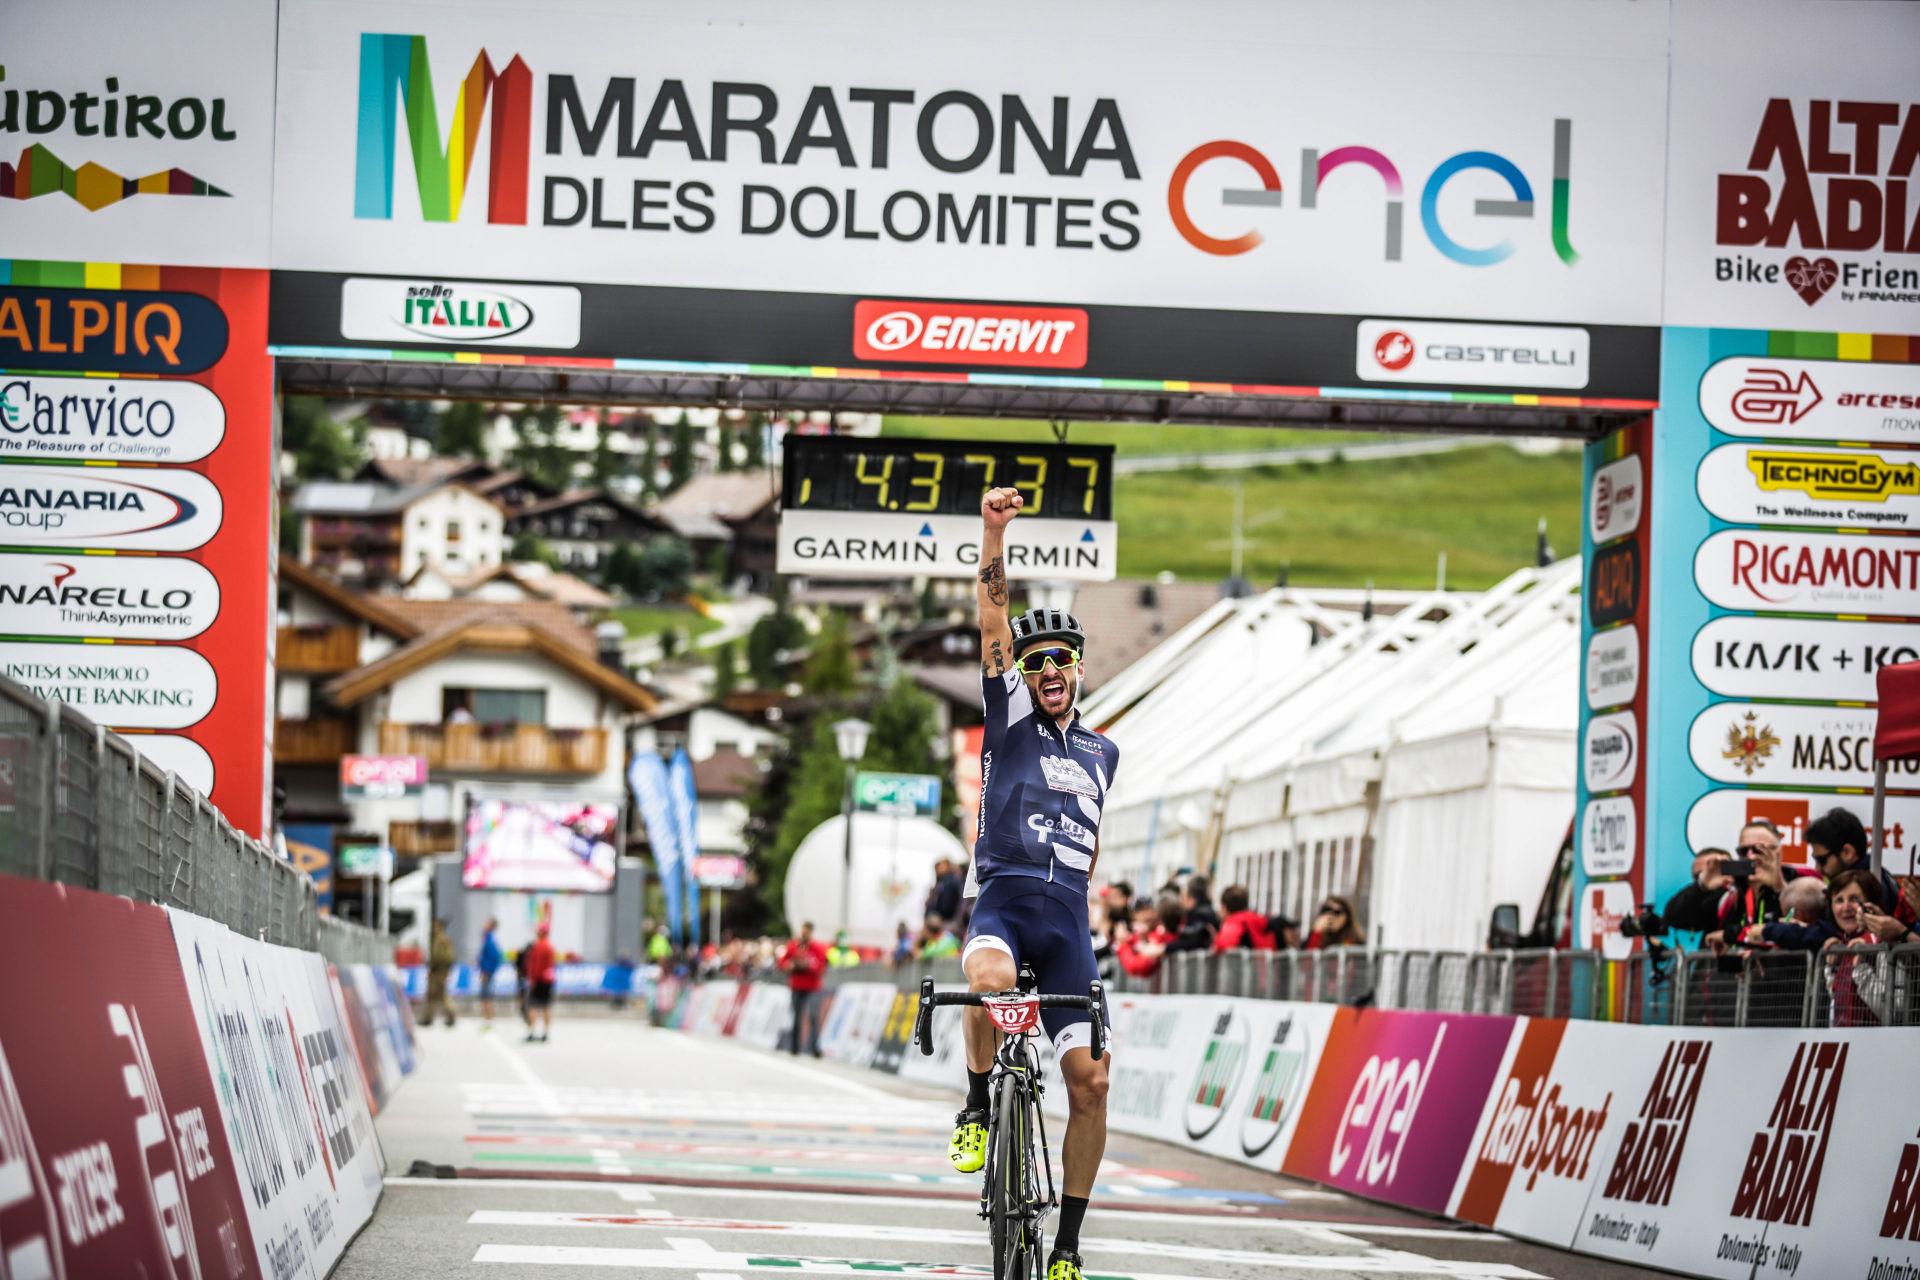 2017 Maratona dles Dolomites